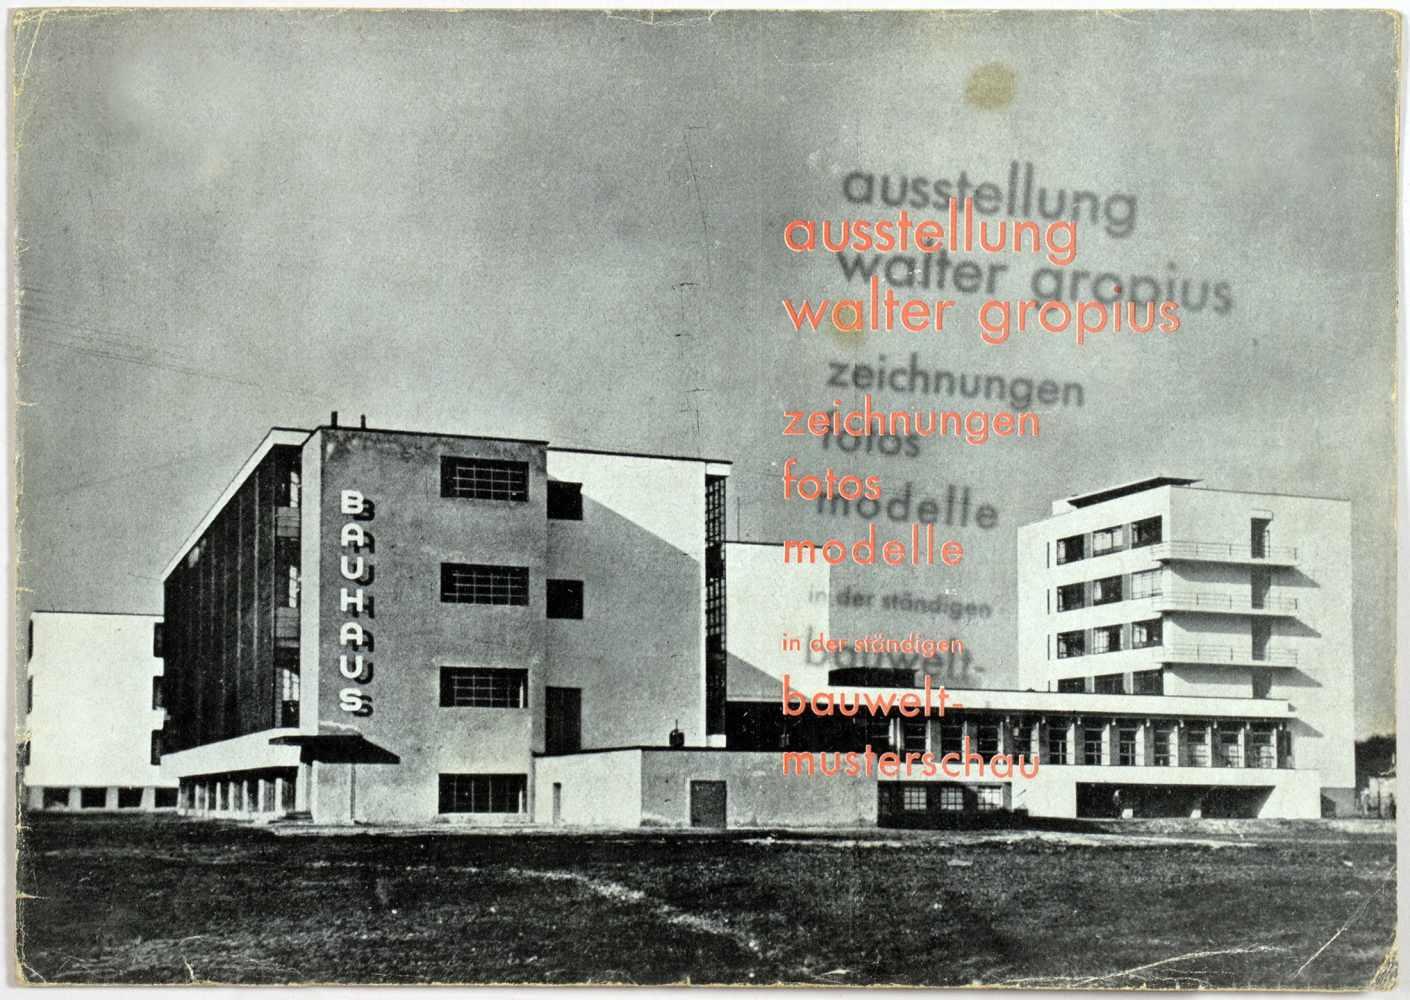 Laszlo Moholy-Nagy - Ausstellung Walter Gropius. Zeichnungen, Fotos, Modelle in der ständigen